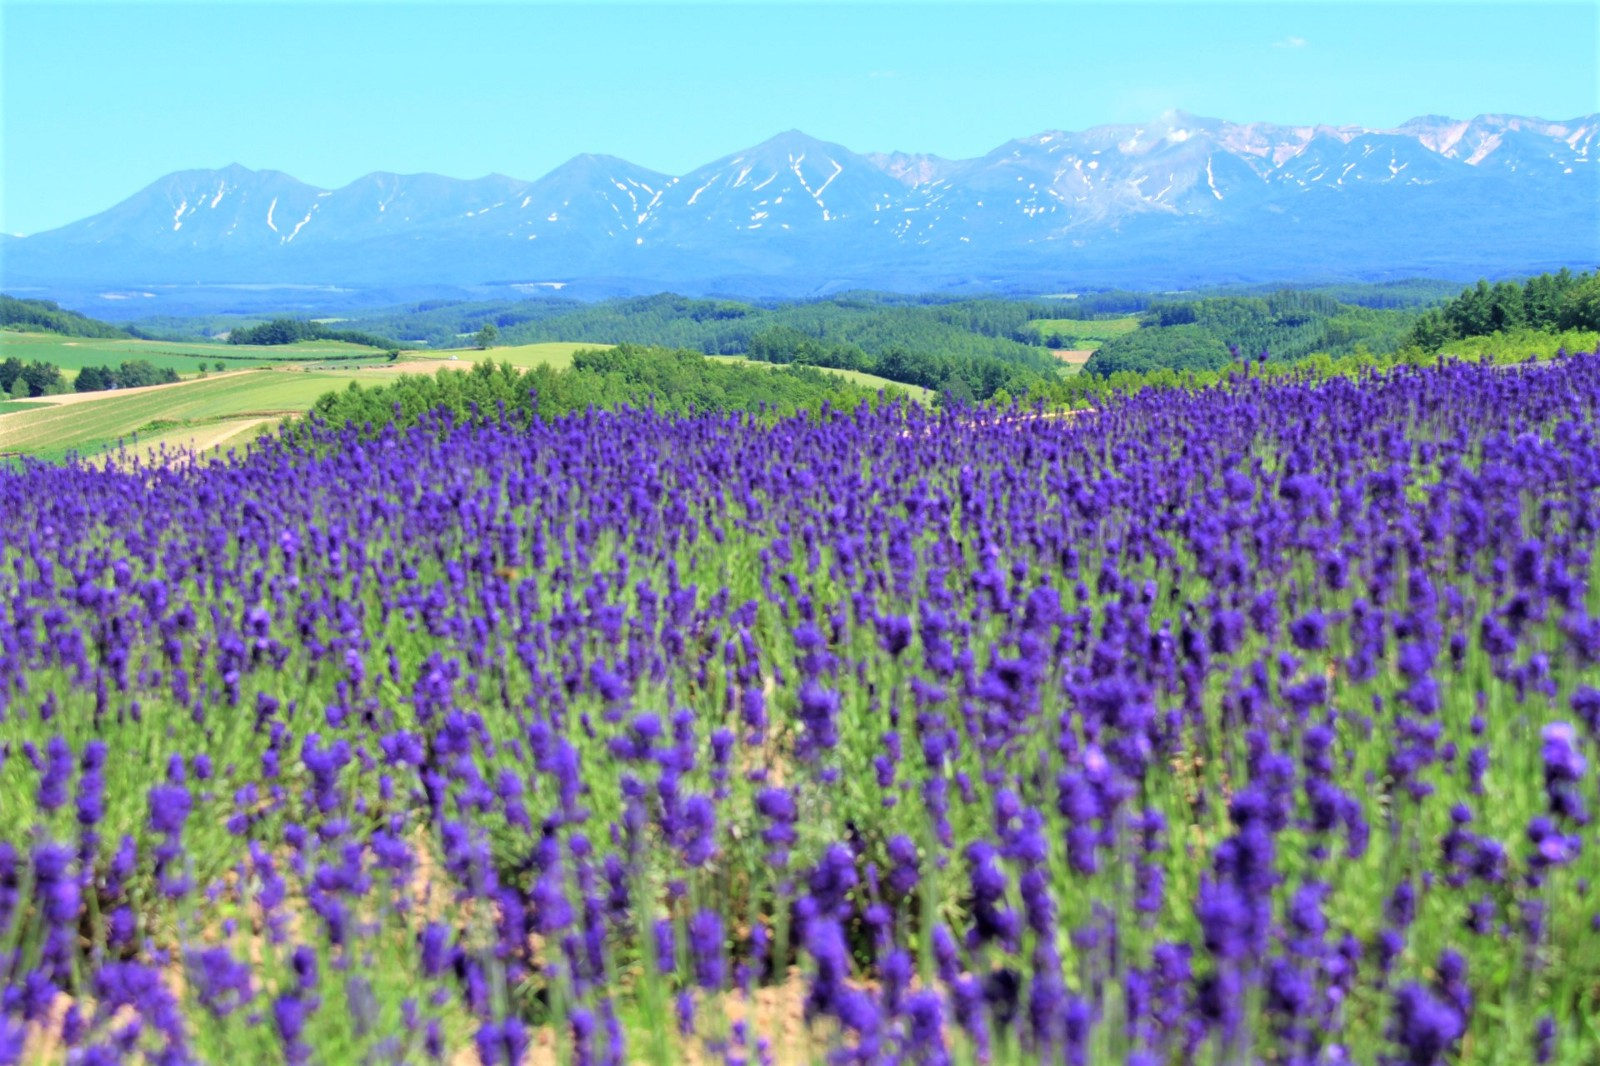 Lavender field in Hokkaido in summer